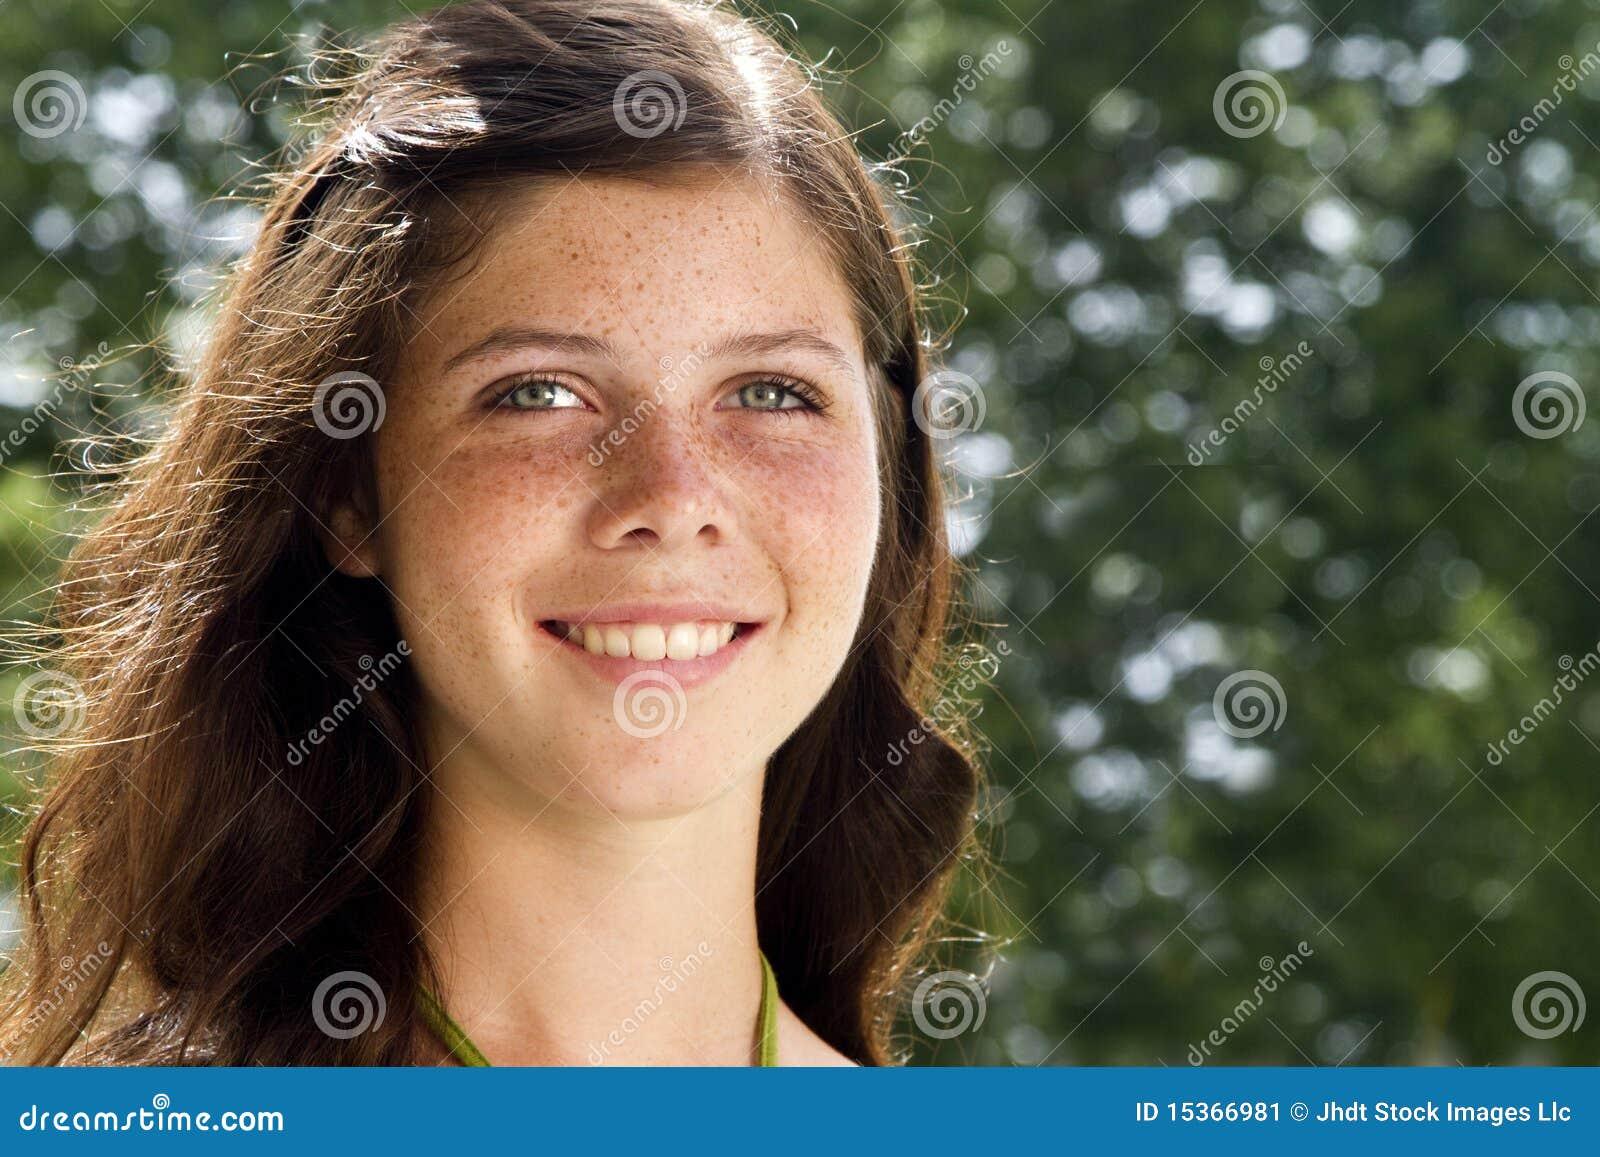 Hair pie teen